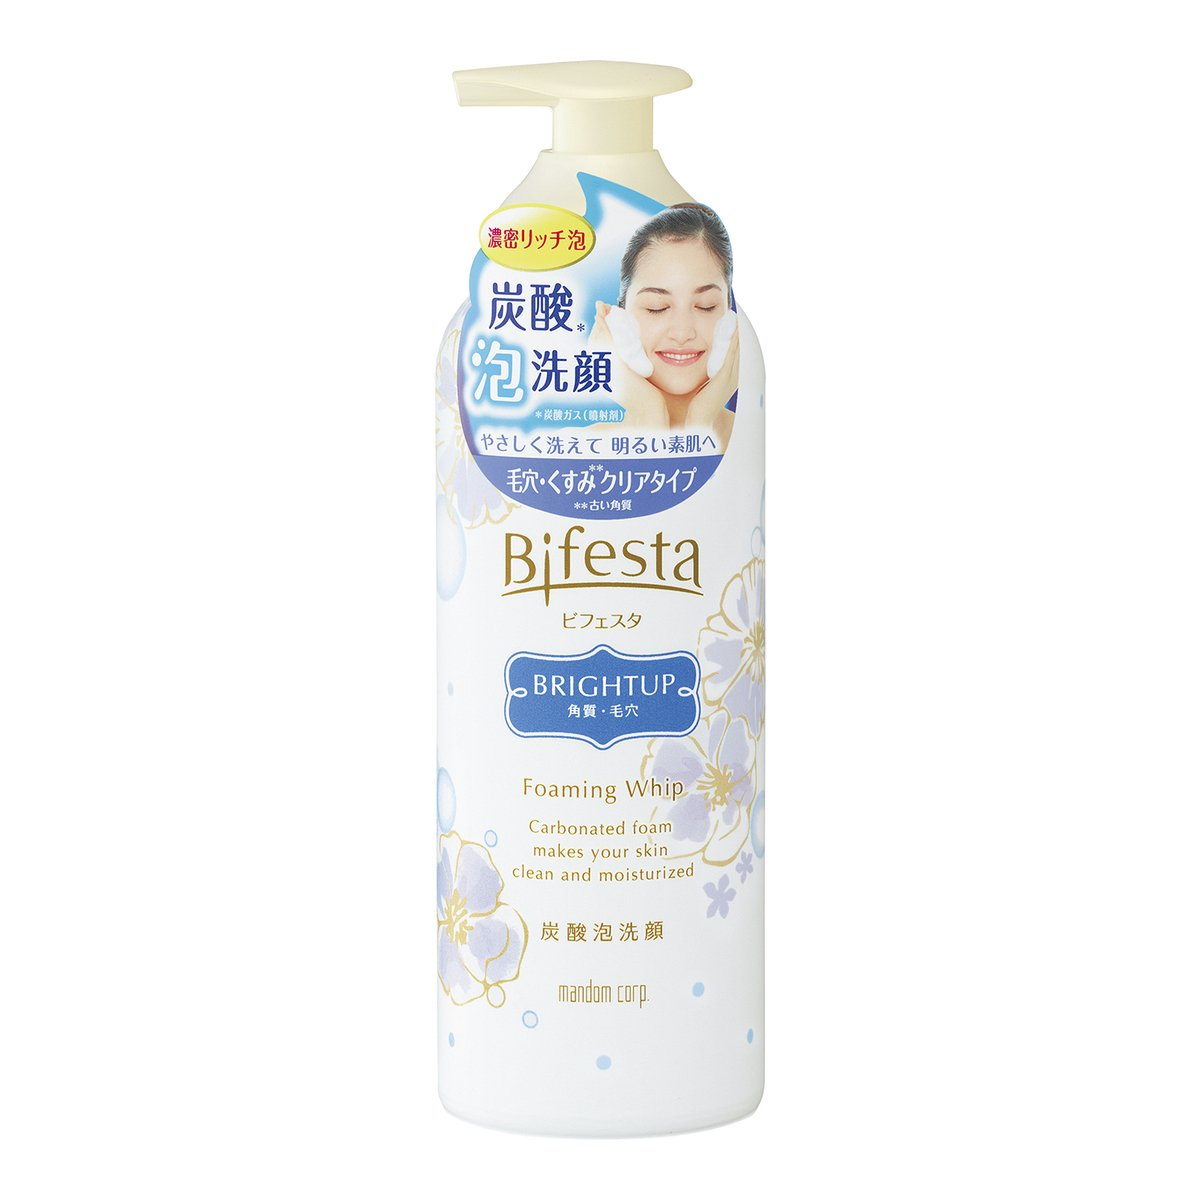 ビフェスタ 泡洗顔 ブライトアップ 180g